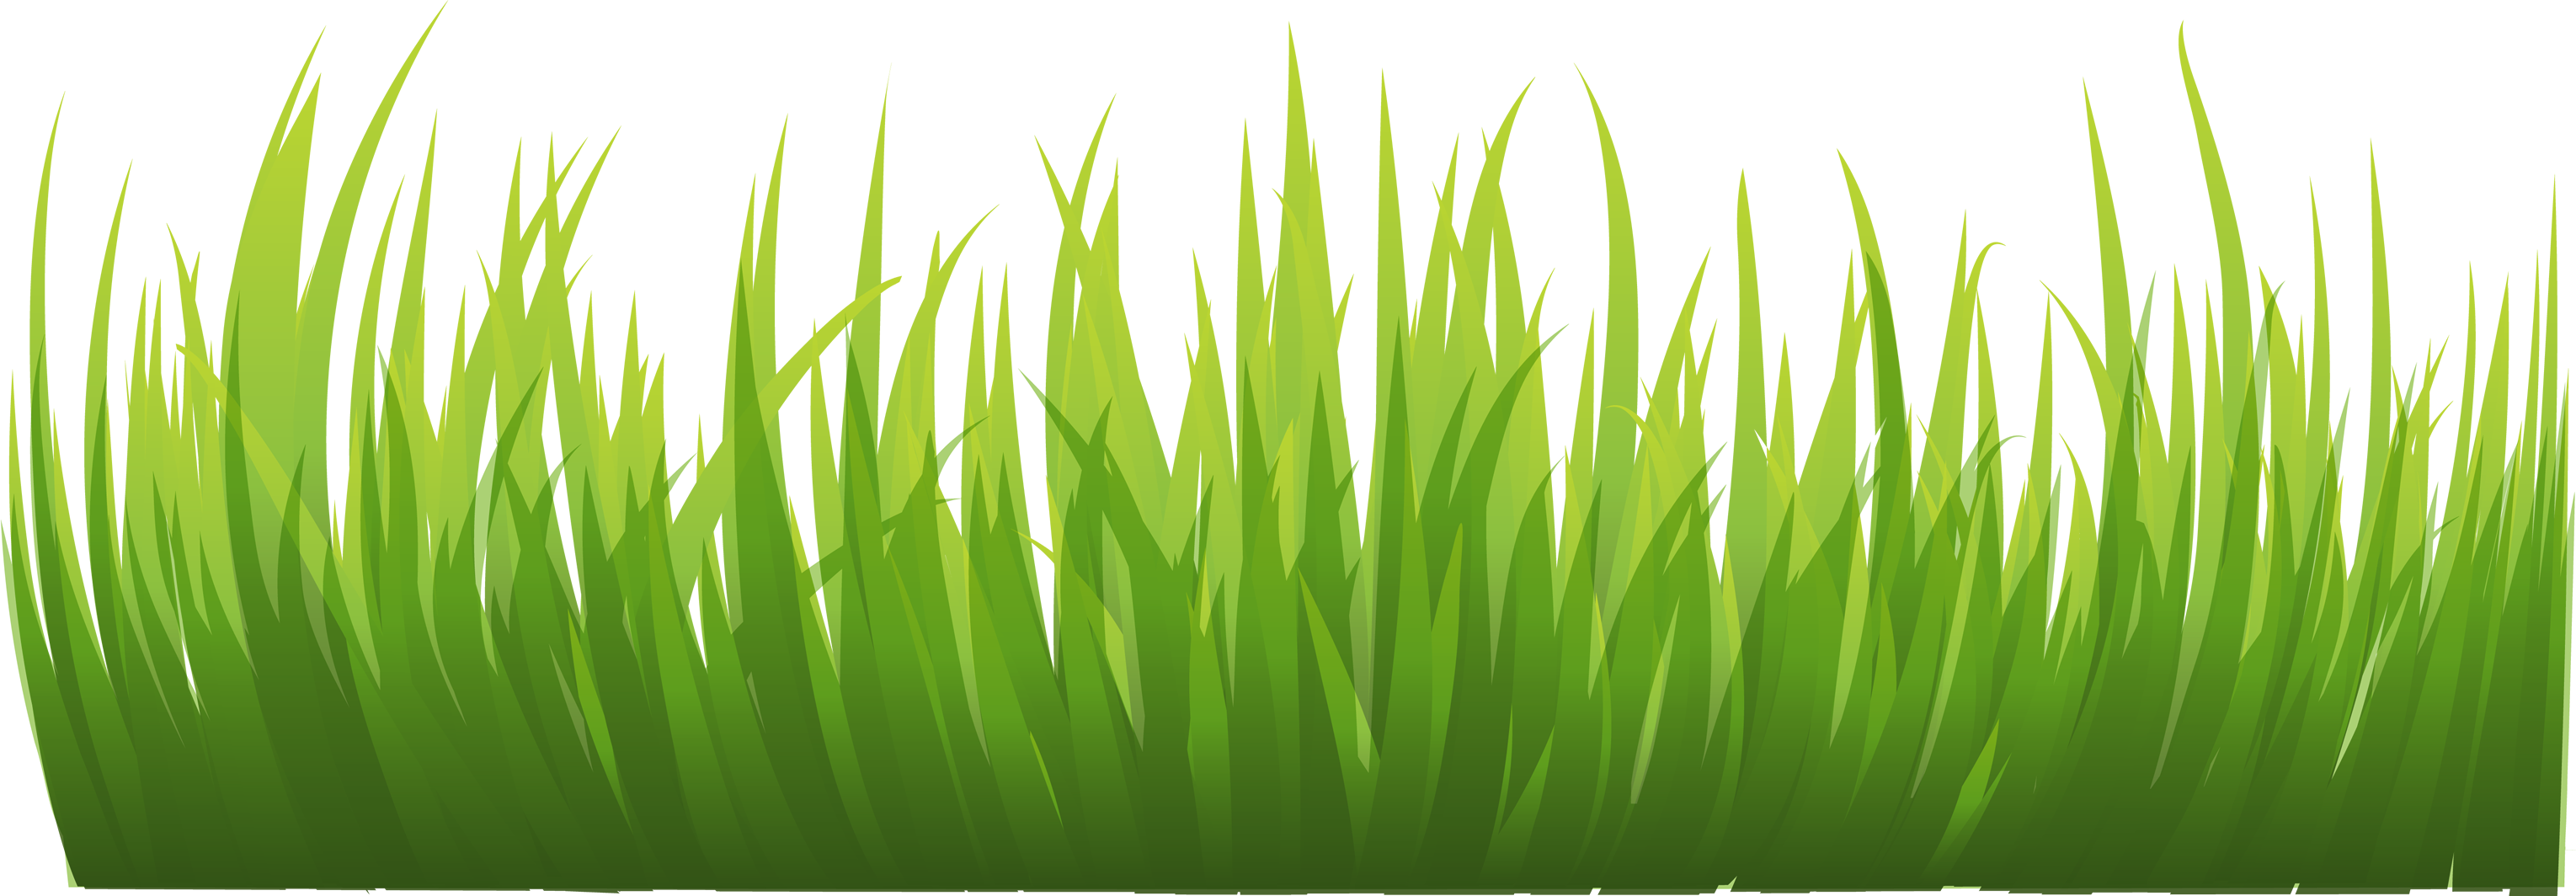 Green grass clipart